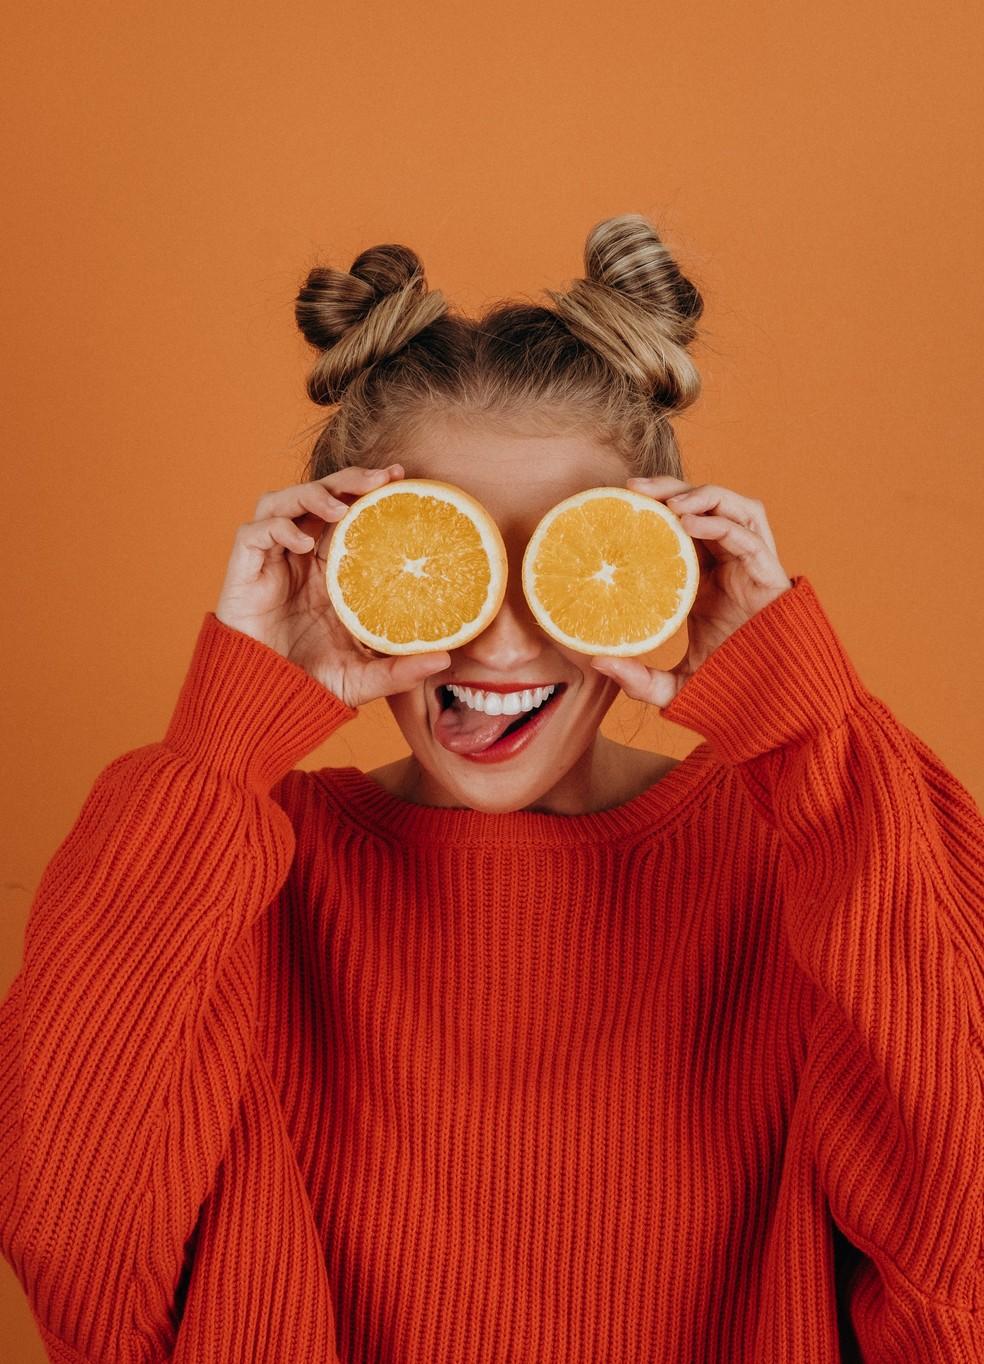 O laranja traz a coragem, a força e a determinação — Foto: Reprodução/Unsplash